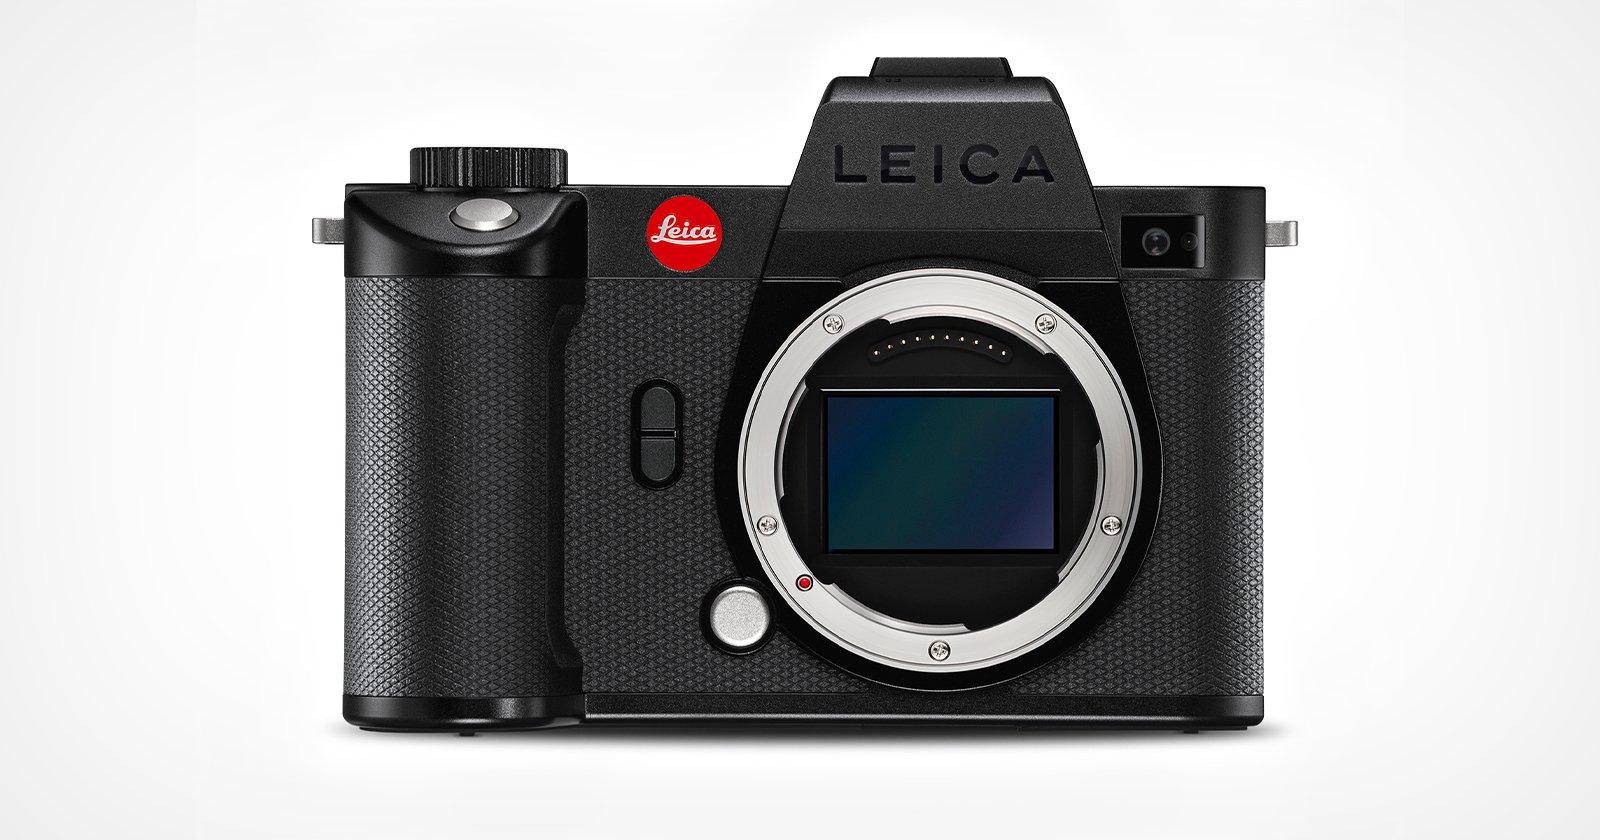 Leica SL2-S Update Improves Autofocus, Adds Video Features